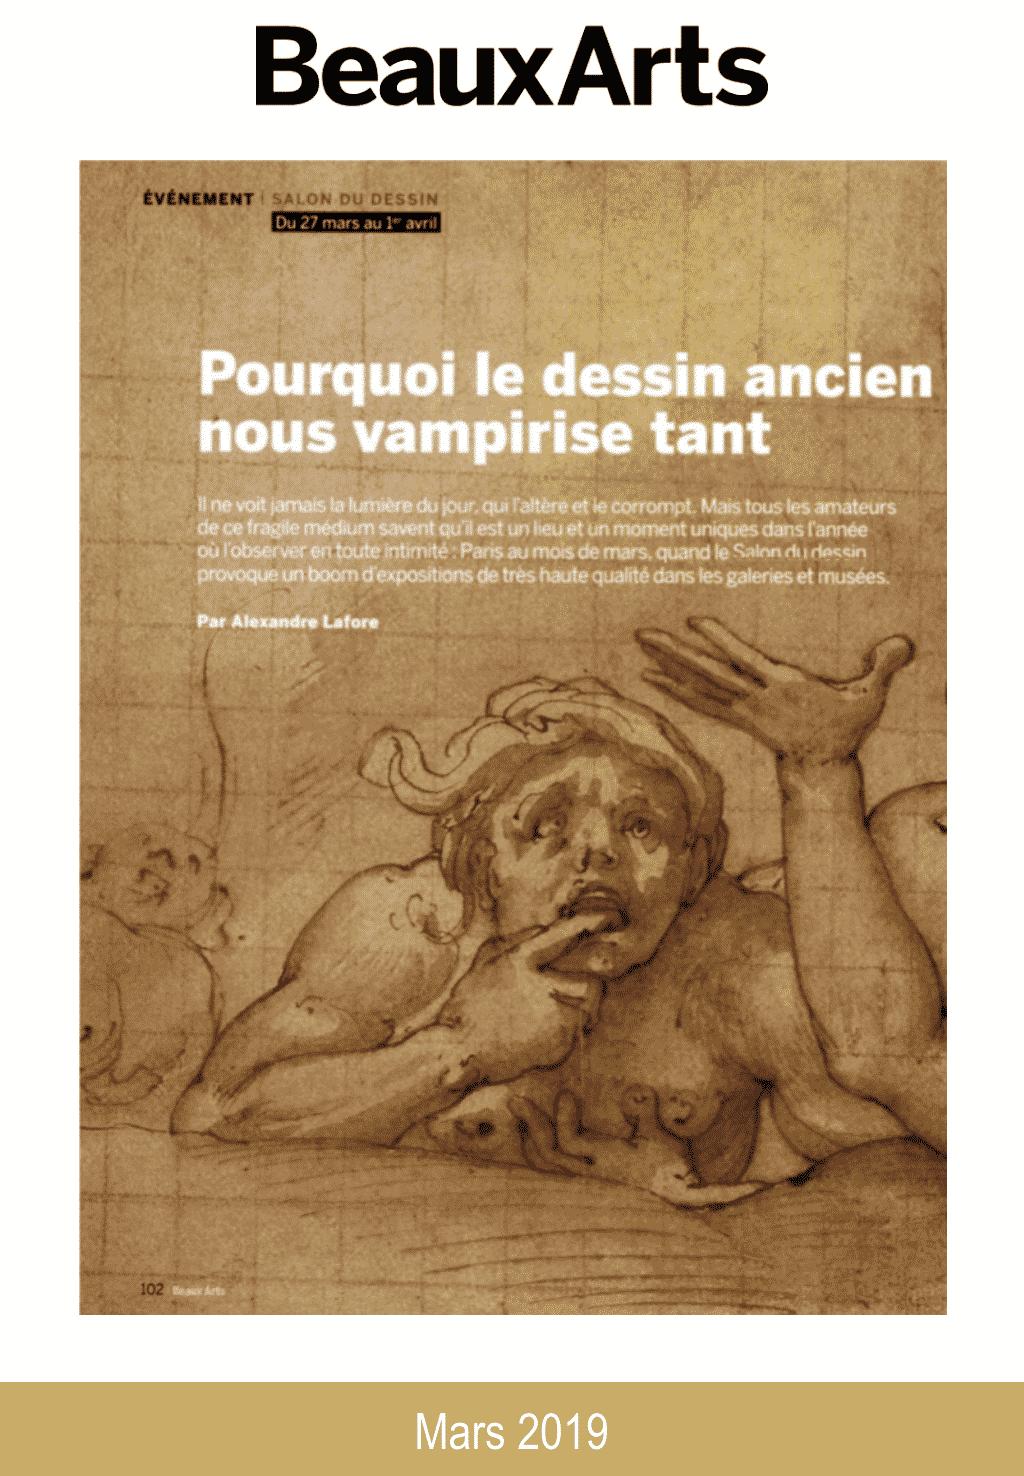 Presse Salon du dessin 2019 Beaux-Arts Magazine